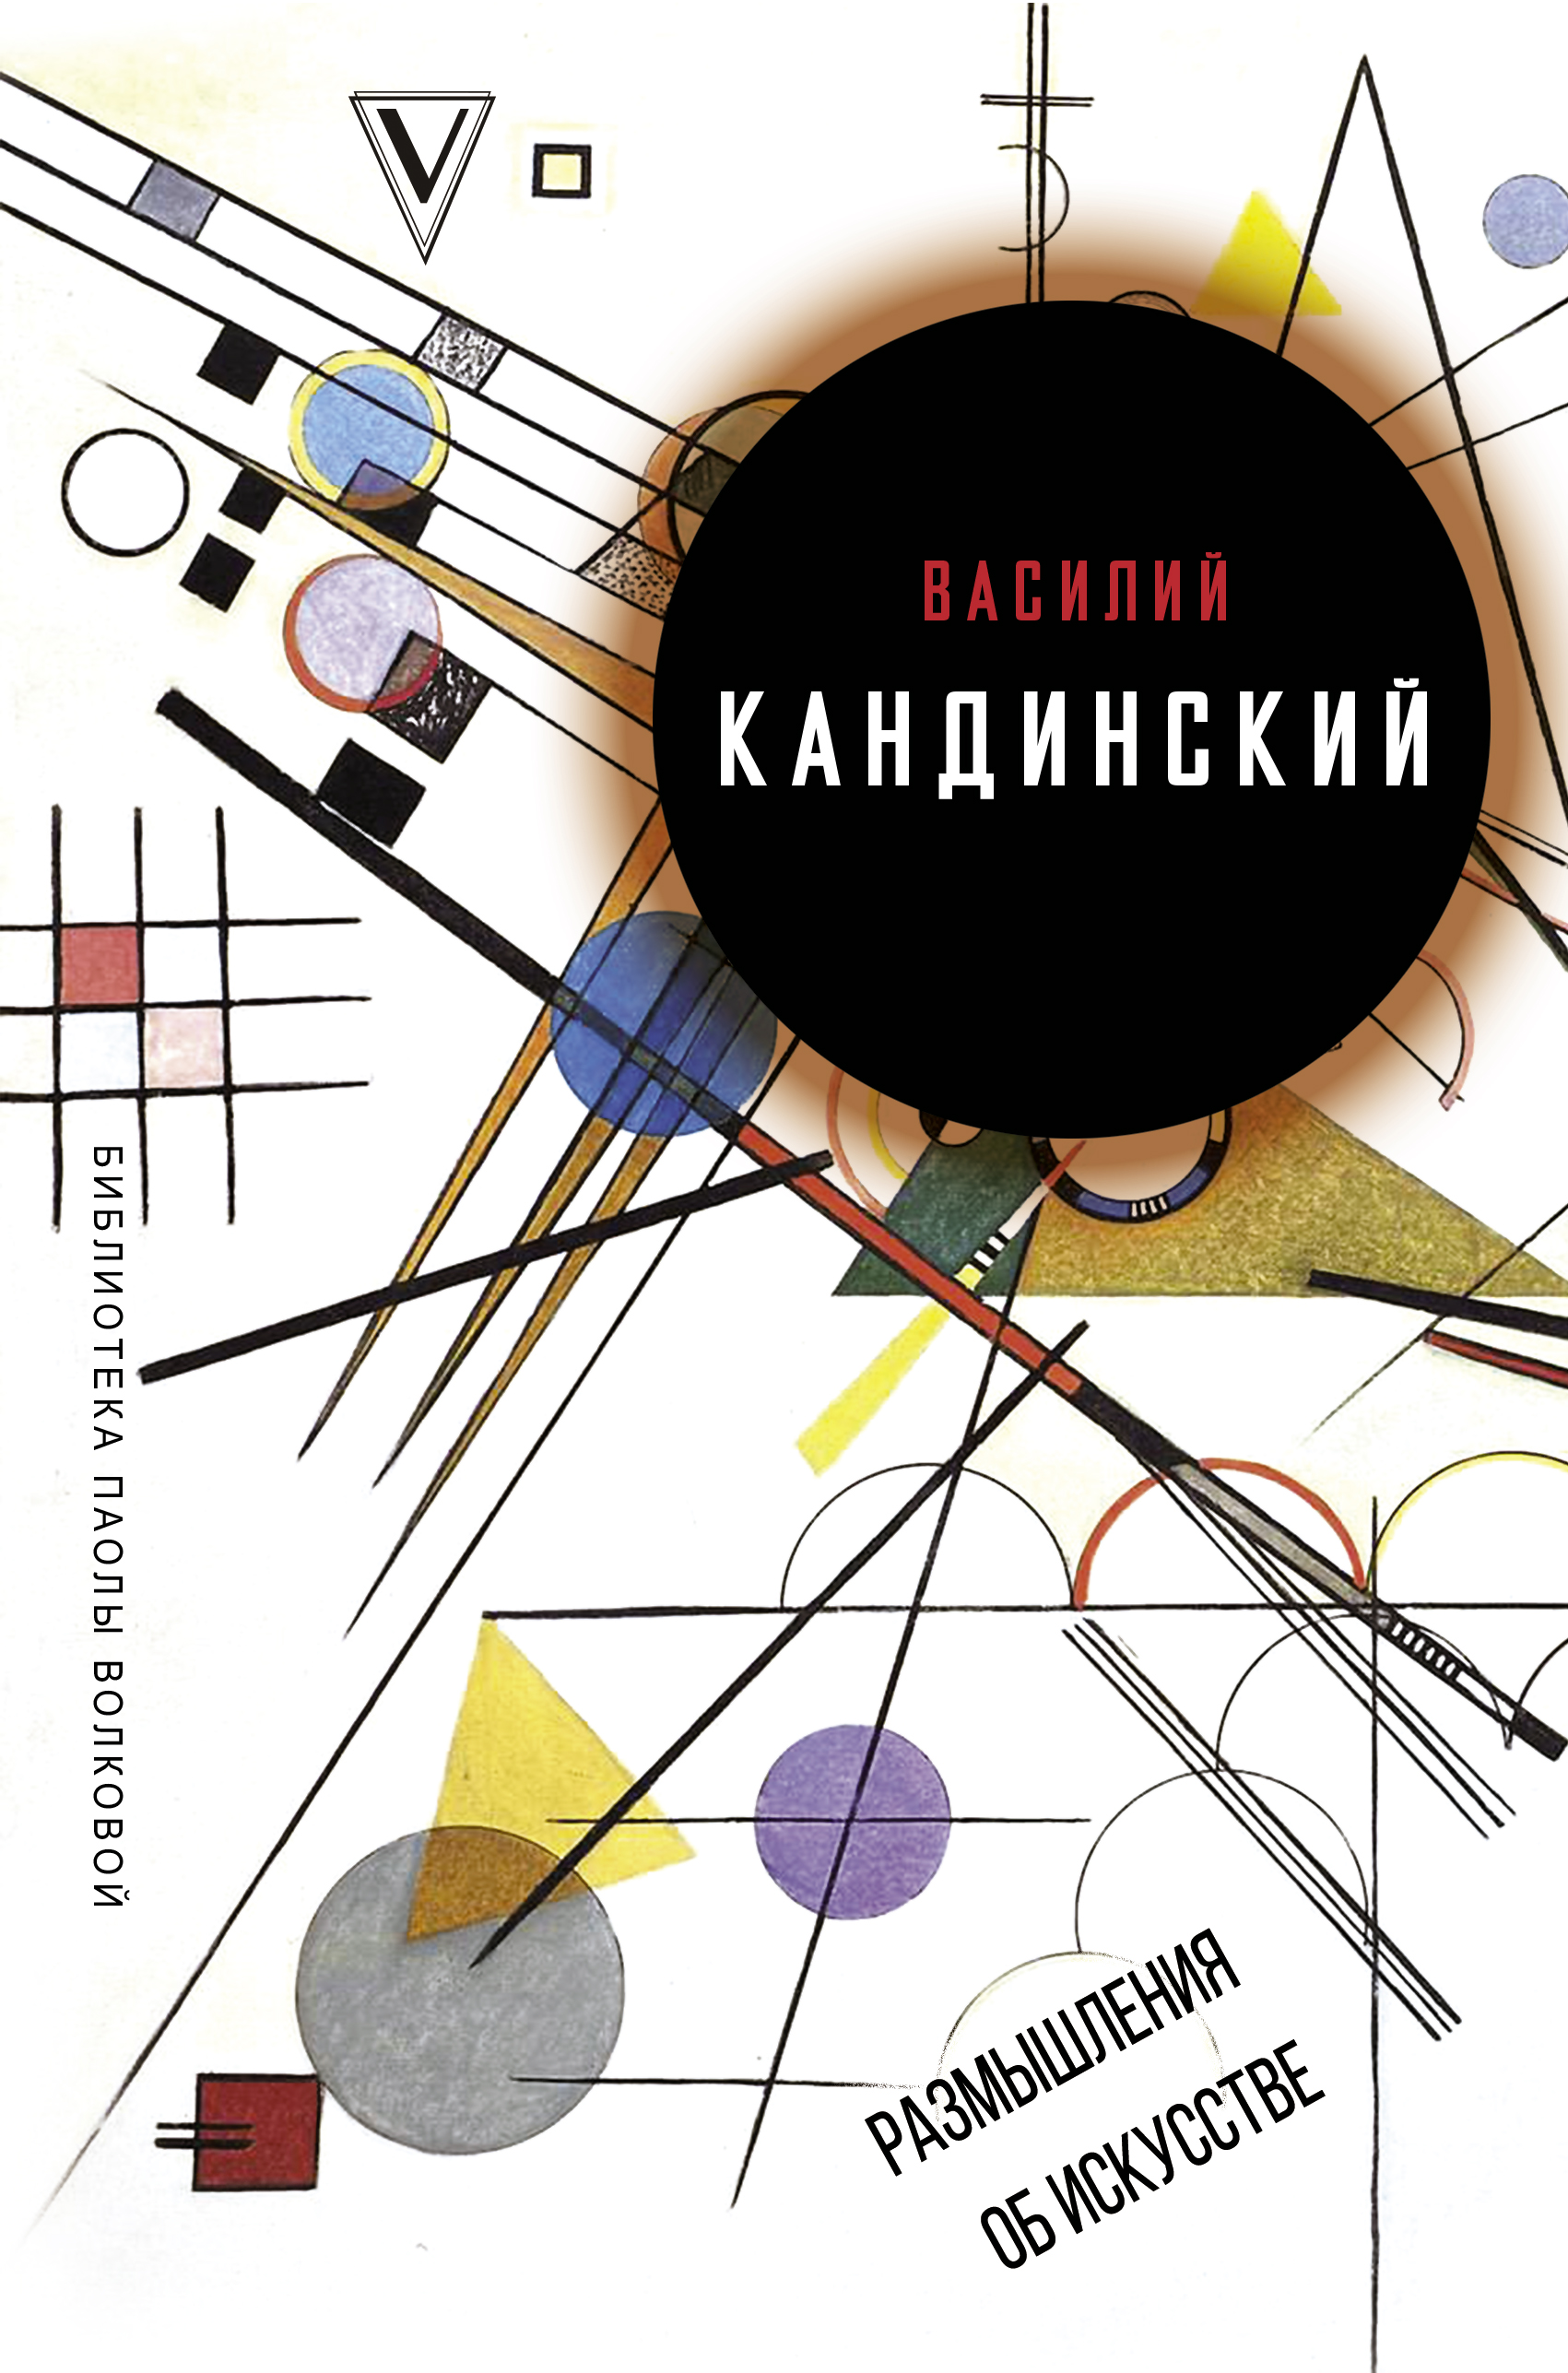 Василий Кандинский Размышления об искусстве (сборник) цена и фото